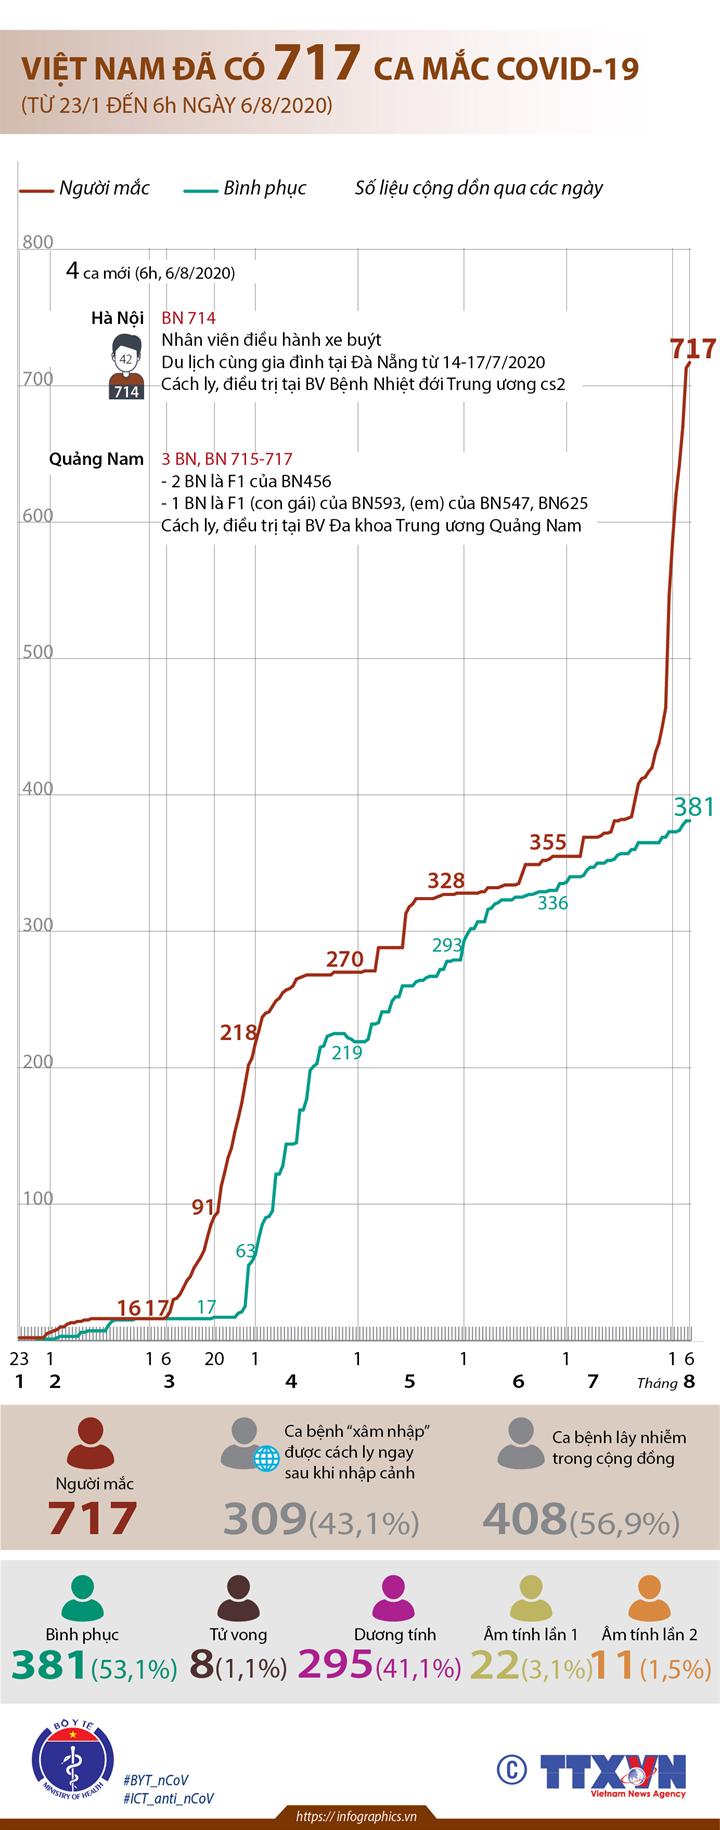 Việt Nam đã có 717 ca mắc COVID-19 (từ 23/1 đến 6h ngày 6/8/2020)